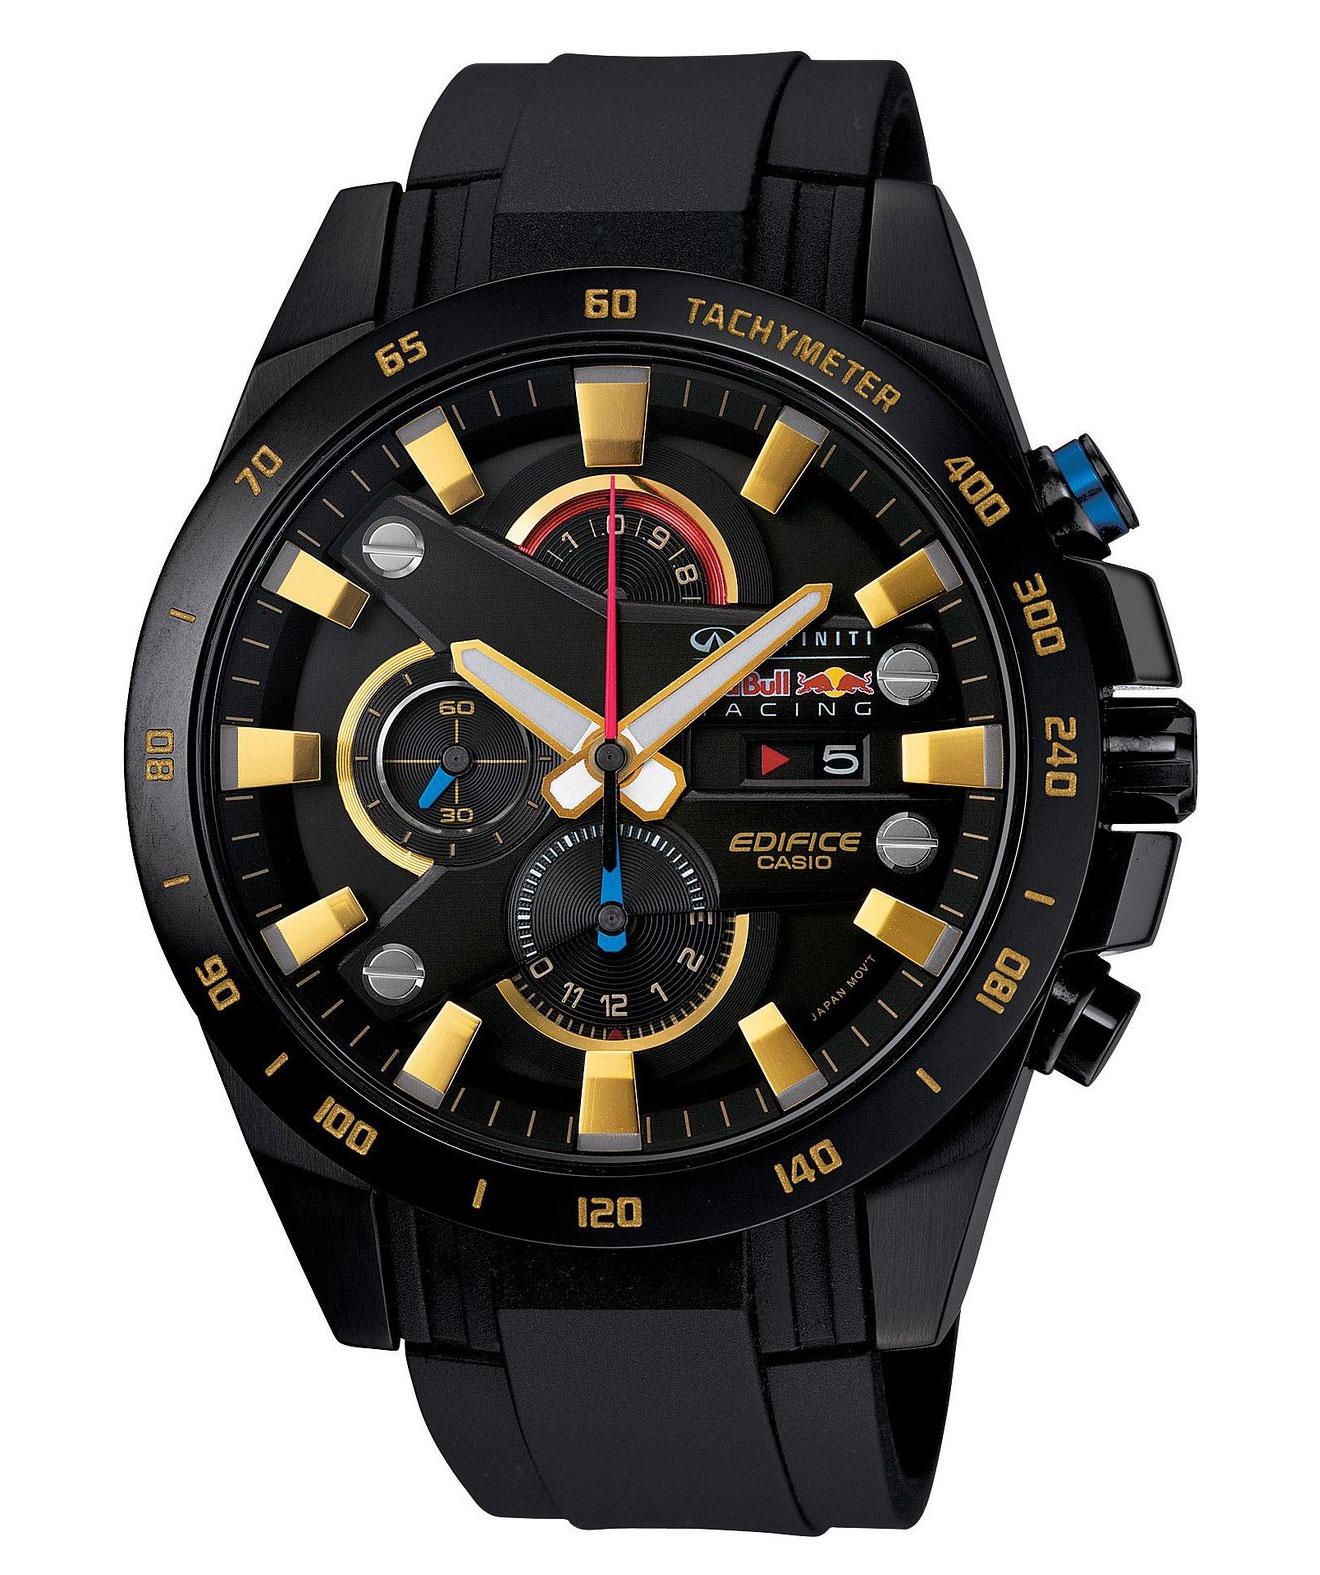 Часы мужские наручные Casio, цвет: черный, золотистый. EFR-540RBP-1AEFR-540RBP-1AСтильные мужские часы Casio EDIFICE выполнены из нержавеющей стали и минерального стекла. Изделие оформлено символикой бренда. В часах предусмотрен аналоговый отсчет времени. Функция мирового времени позволяет мгновенно выяснять текущее время в любой точке земного шара. Функция секундомера позволит замерять прошедшее время в пределах тысячи часов с точностью 1/100 секунды, предусмотрен будильник. Степень влагозащиты 10 atm. Изделие дополнено ремешком из полимерного материала, который обладает антибактериальными и запахоустойчивыми свойствами. Ремешок застегивается на пряжку, позволяющую максимально комфортно и быстро снимать и одевать часы. Часы поставляются в фирменной упаковке. Многофункциональные часы Casio EDIFICE подчеркнут мужской характер и отменное чувство стиля у их обладателя.